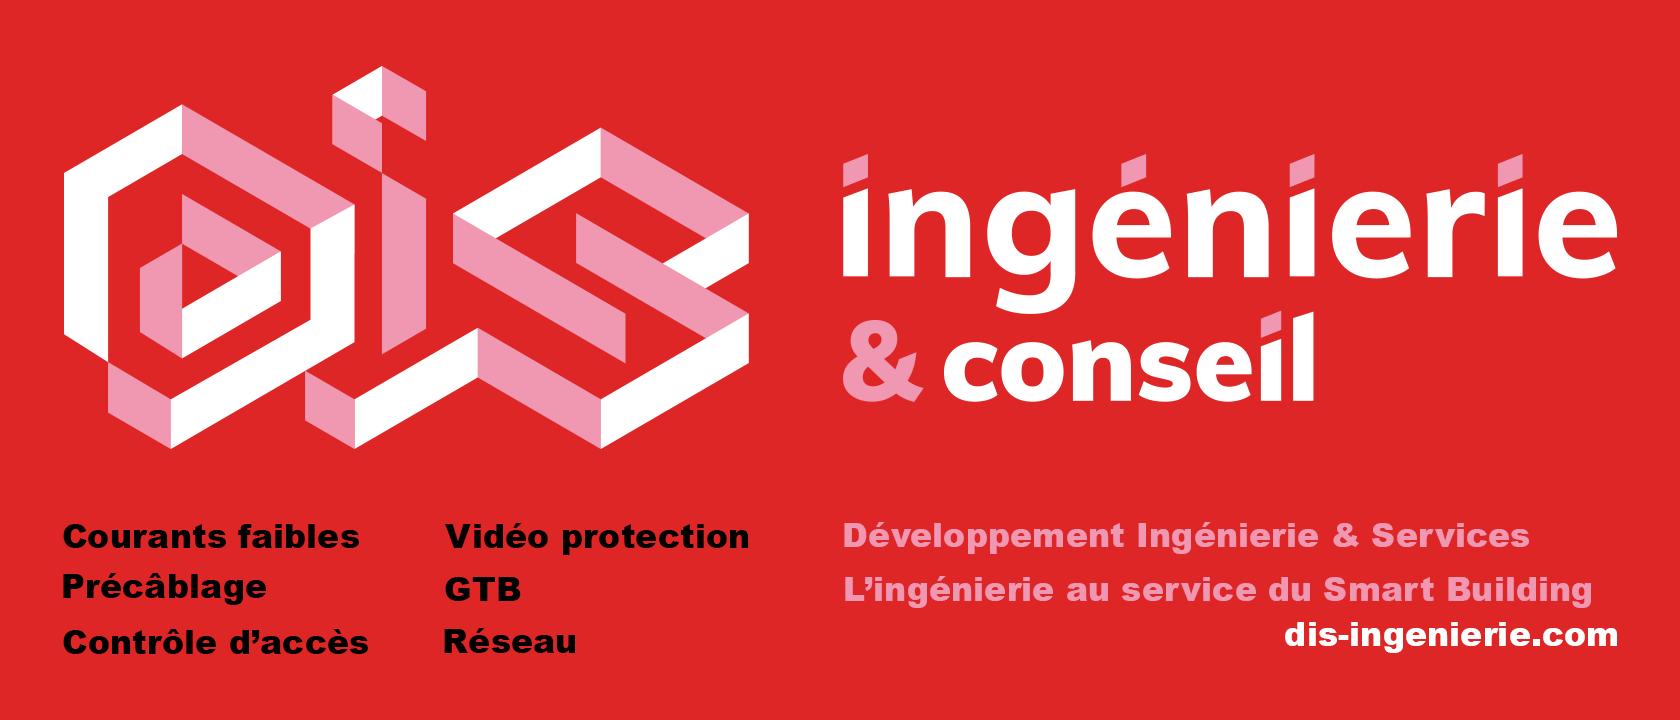 Développement Ingénierie & Services